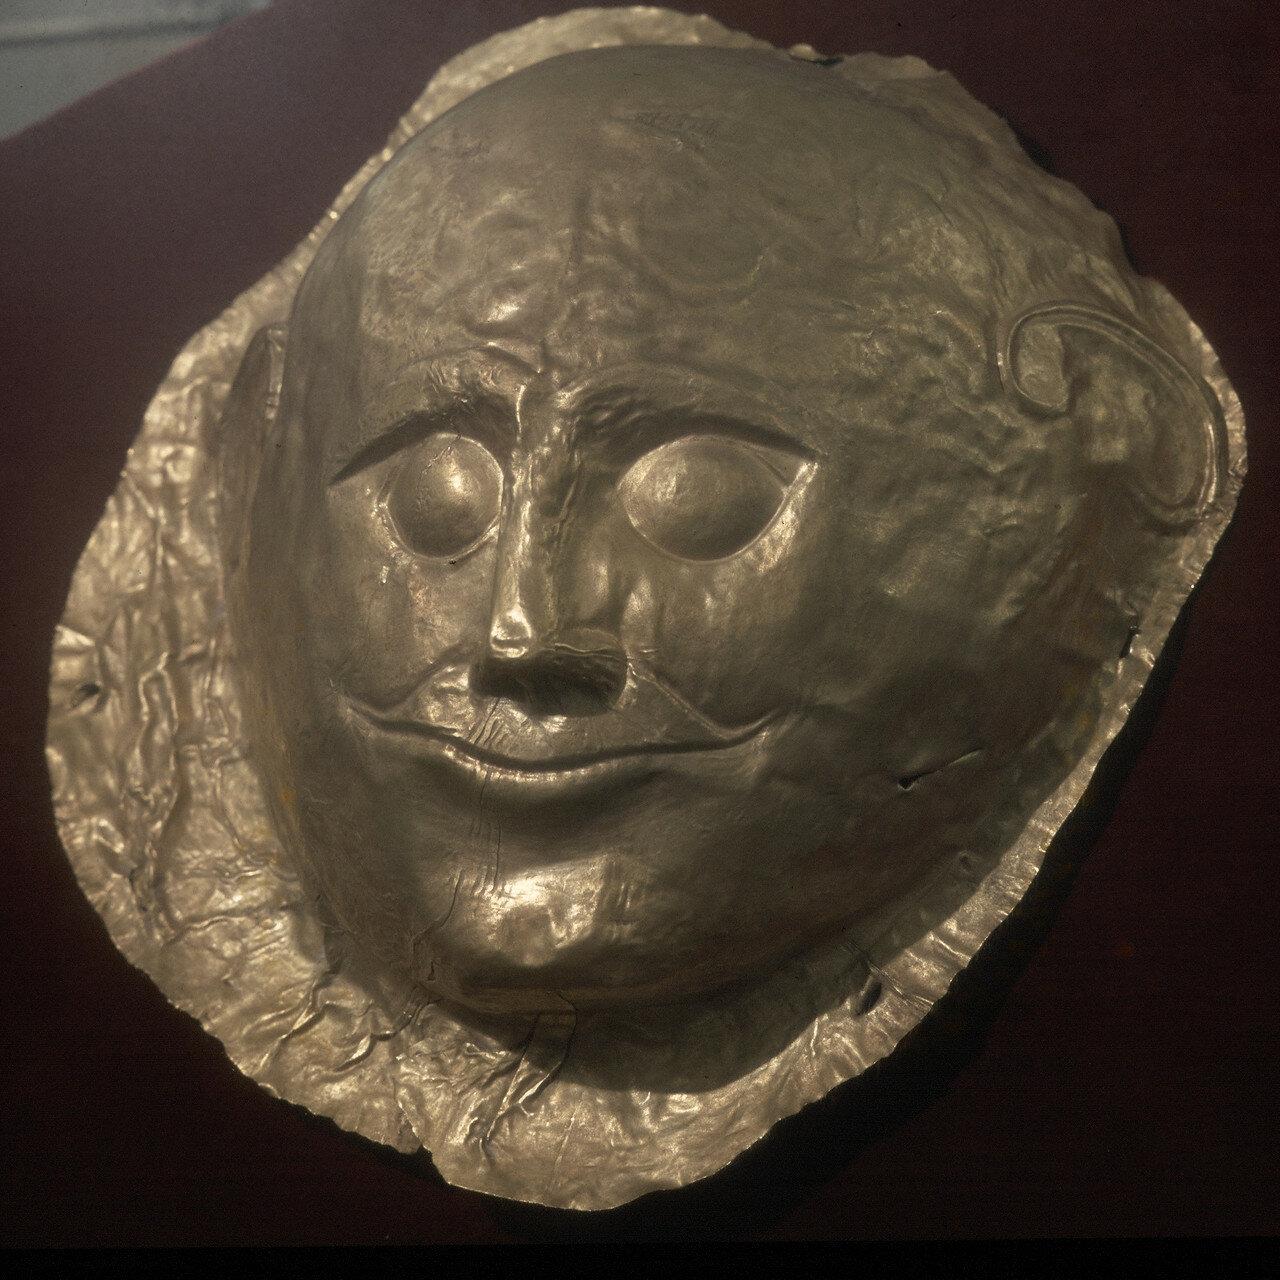 Афины. Национальный археологический музей. Золотая посмертная маска из Микен, XVI в. до н.э